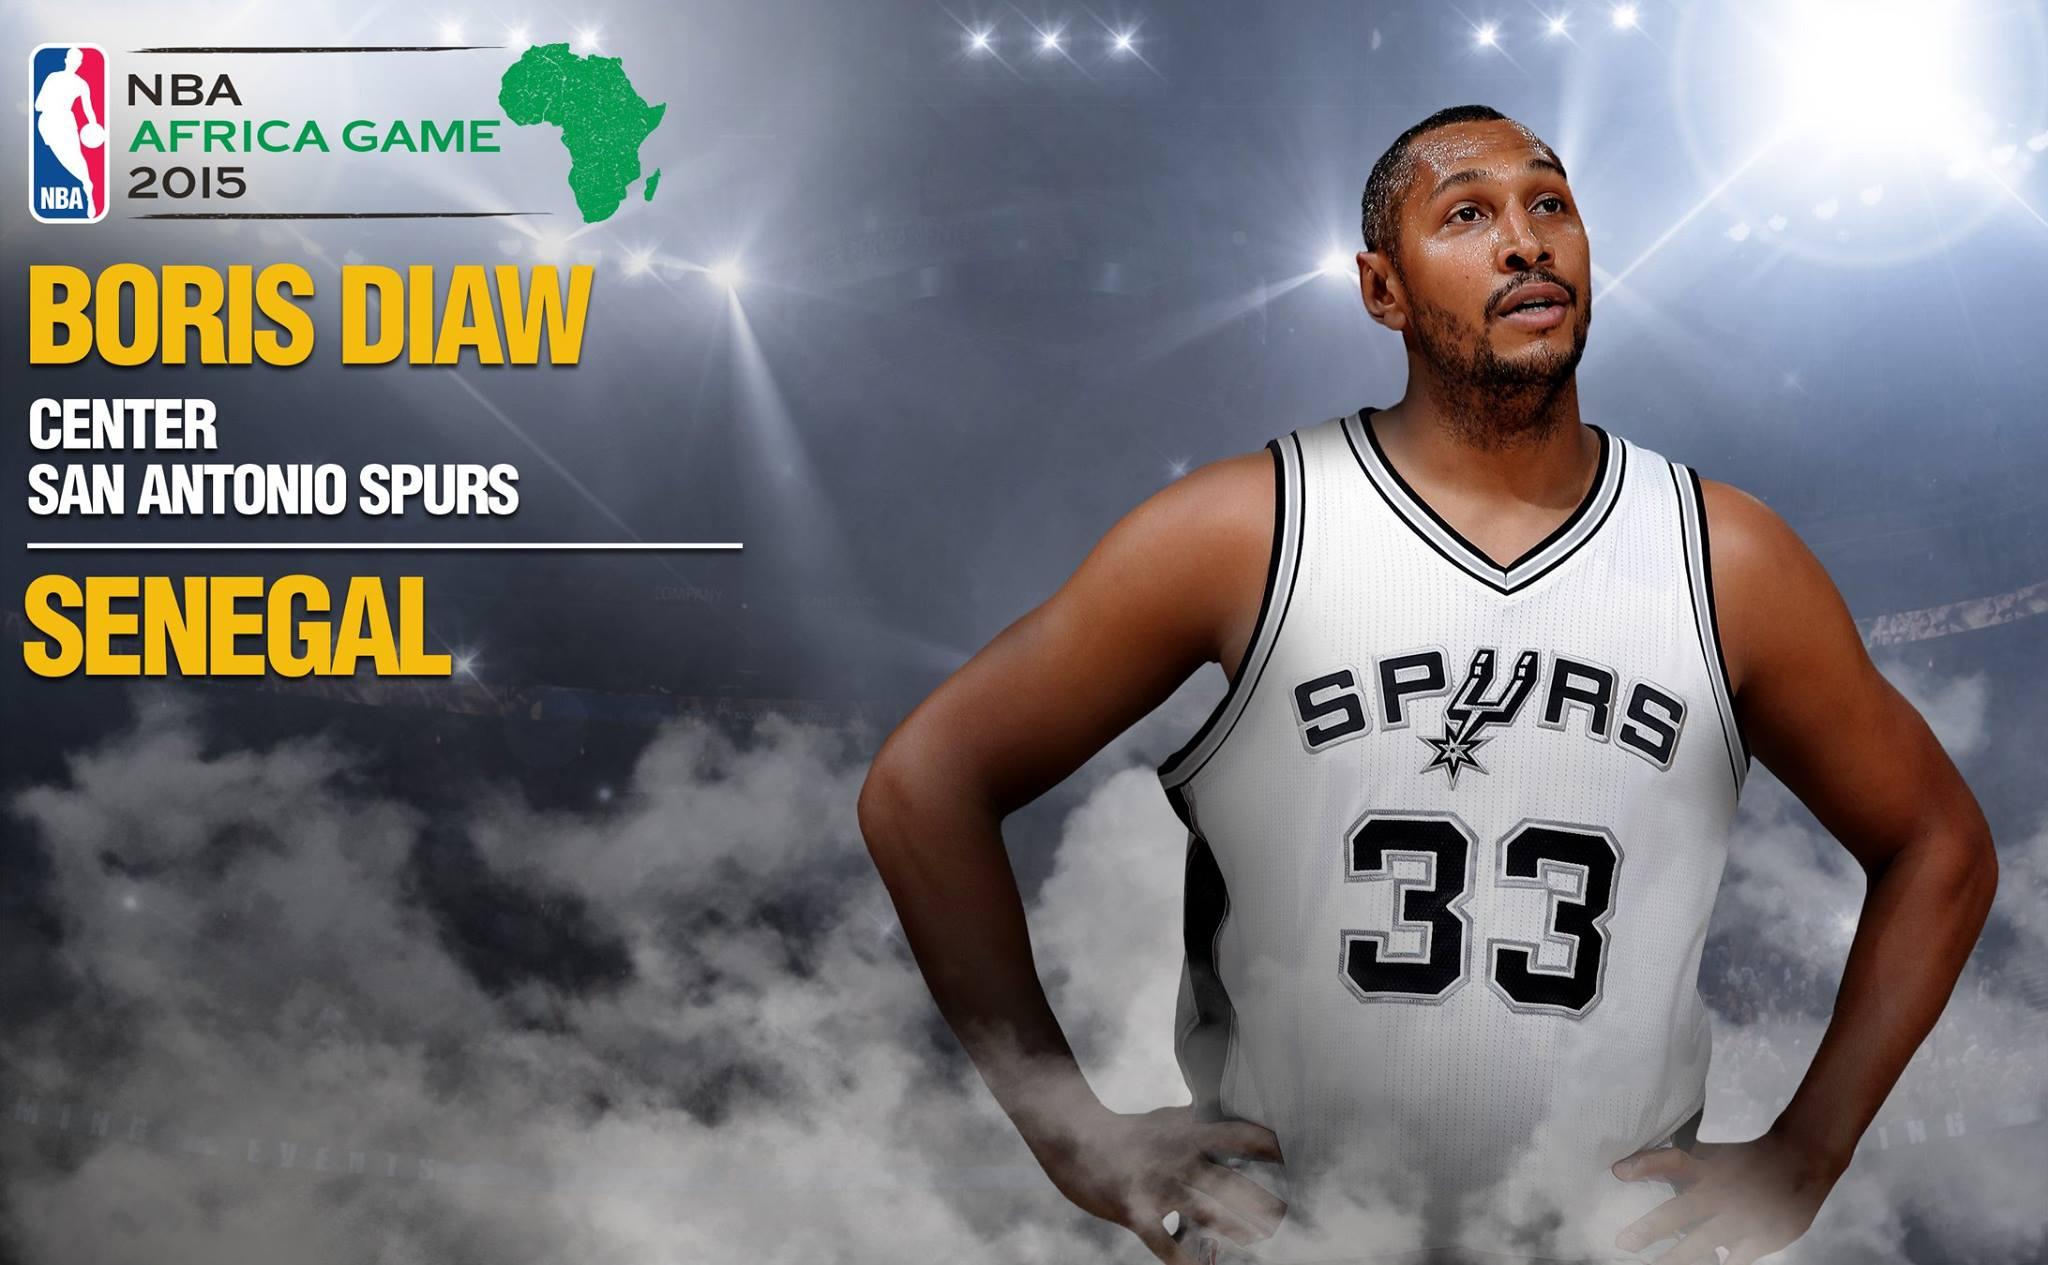 Boris Diaw au match NBA prévu à Johannesburg pour représenter ses origines